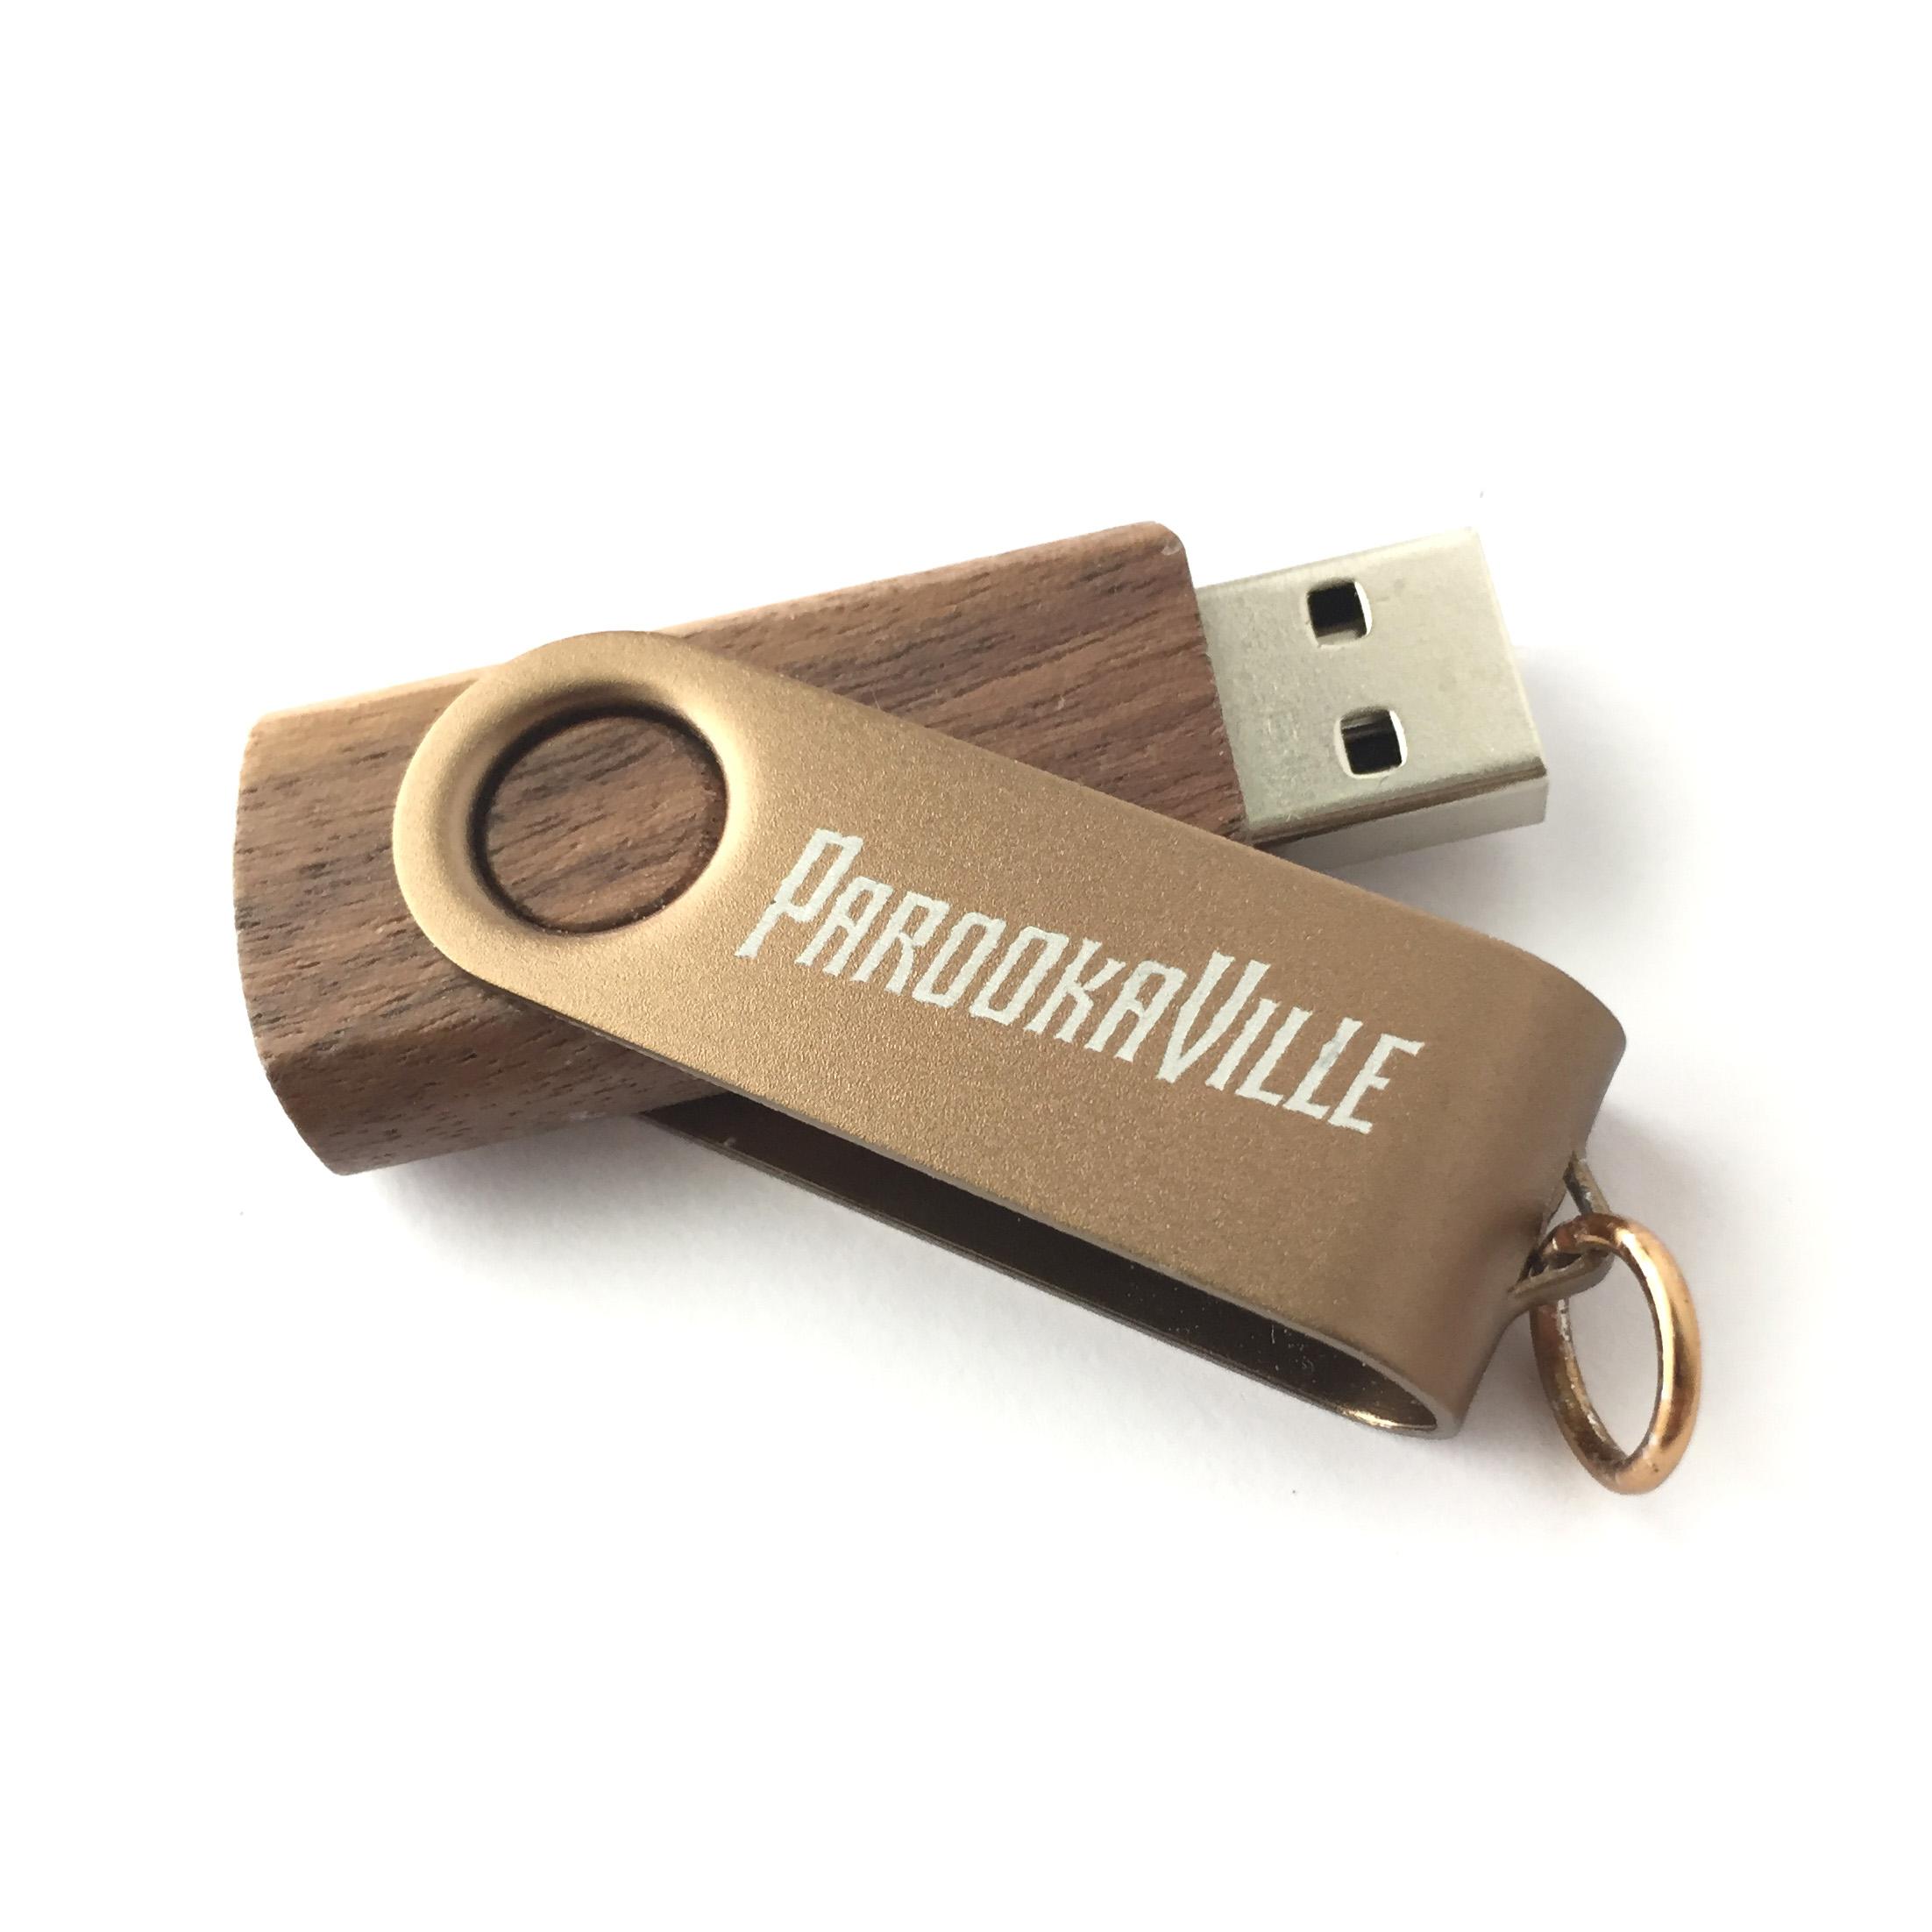 Logo Gold von ParookaVille Festival - USB Stick jetzt im My Festival Shop Shop